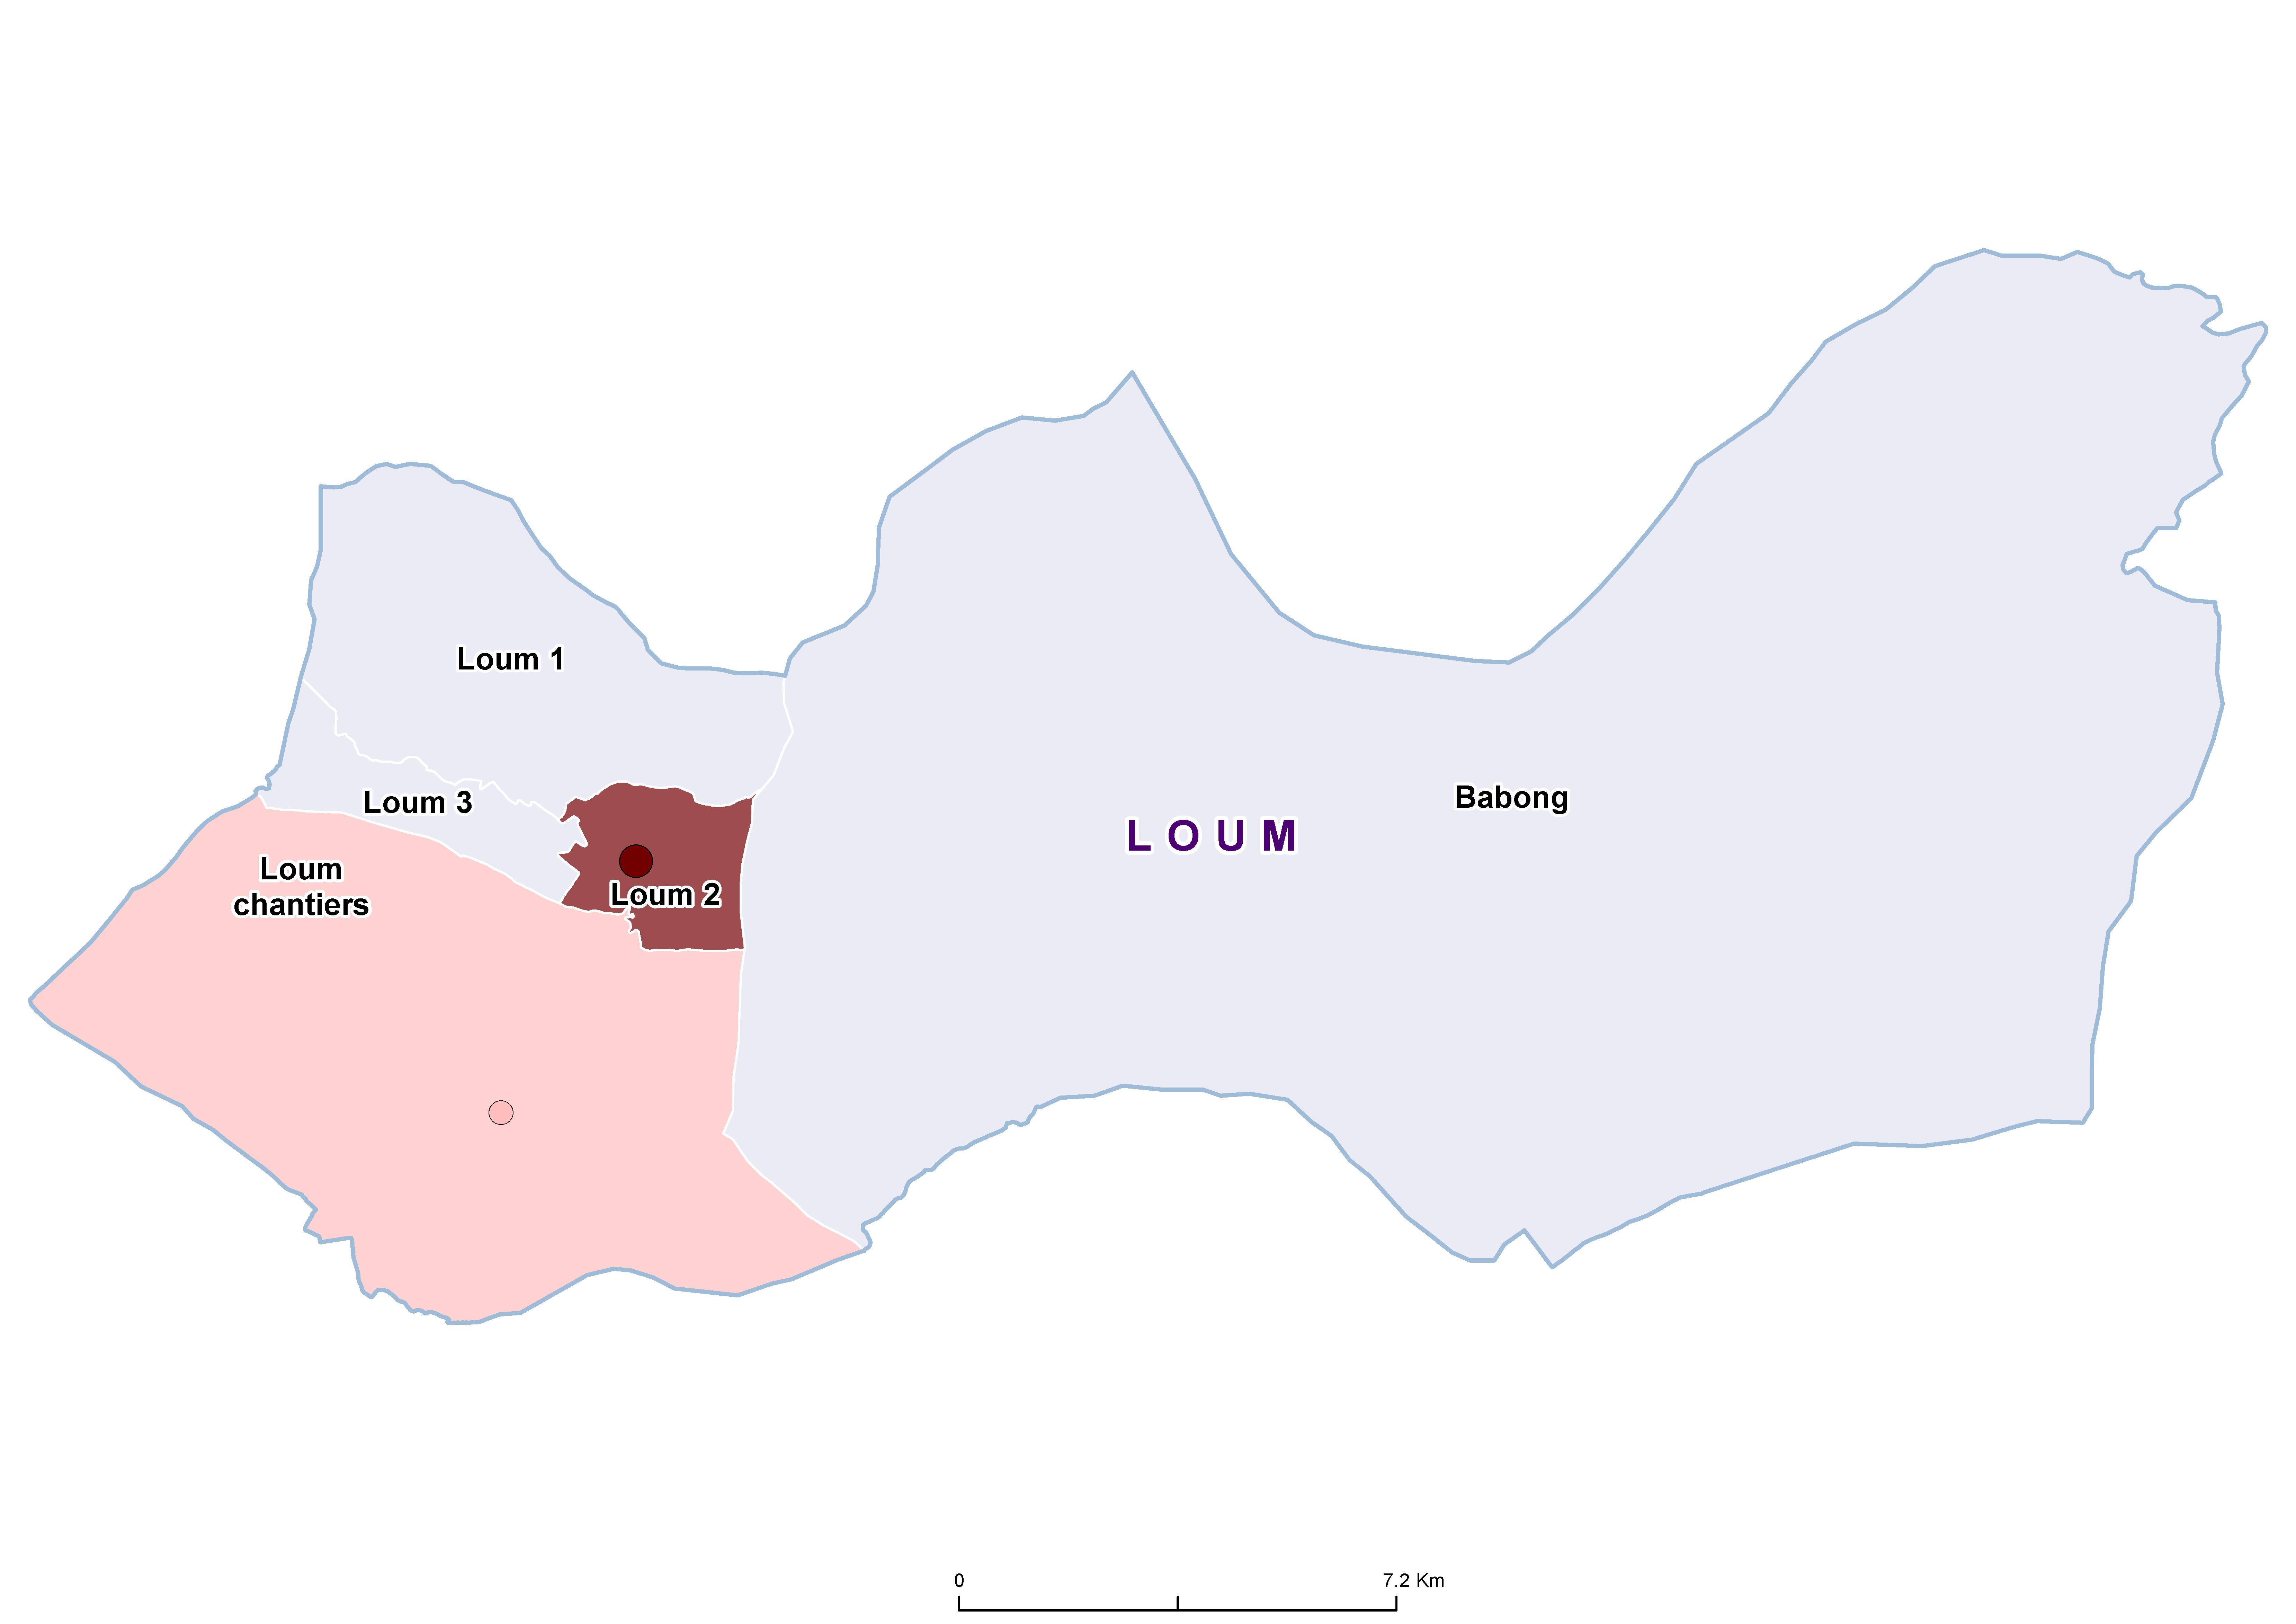 Loum SCH 19850001